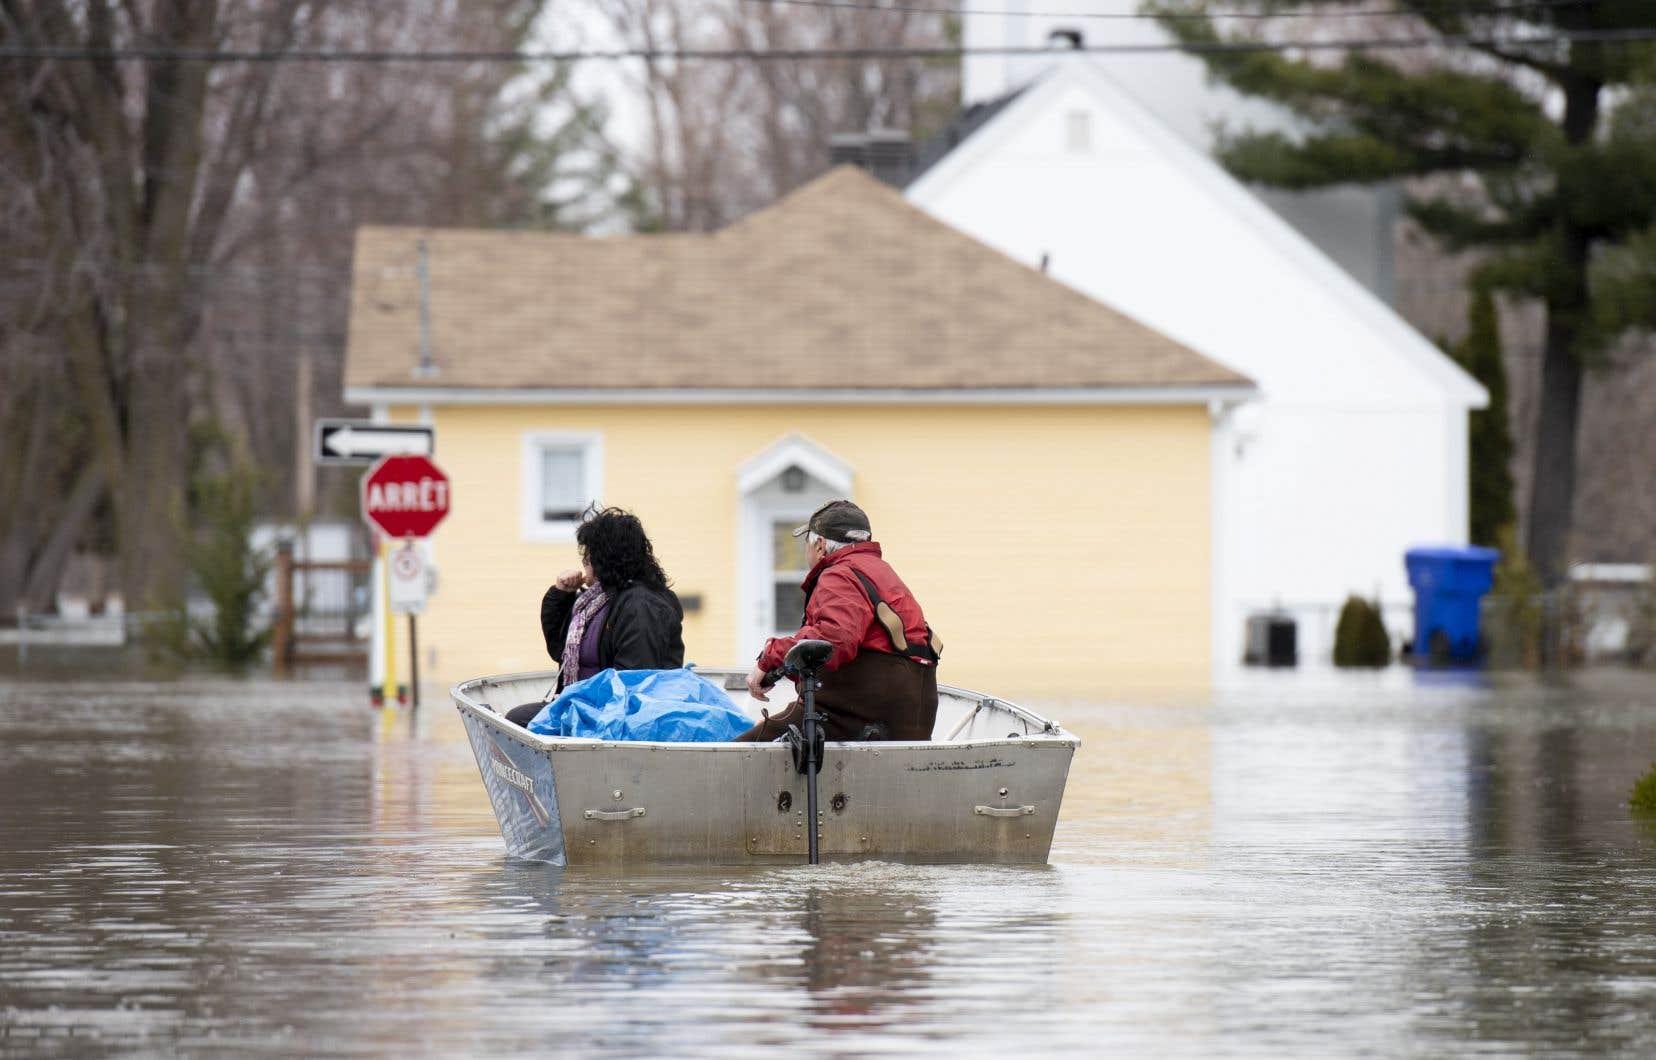 L'an dernier, Gatineau avait été durement touchée par les inondations printanières.